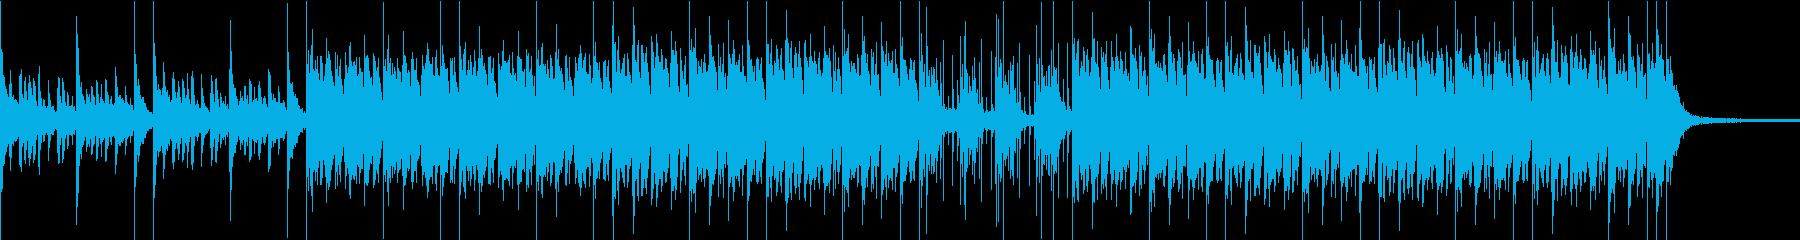 和風で軽快な楽曲の再生済みの波形